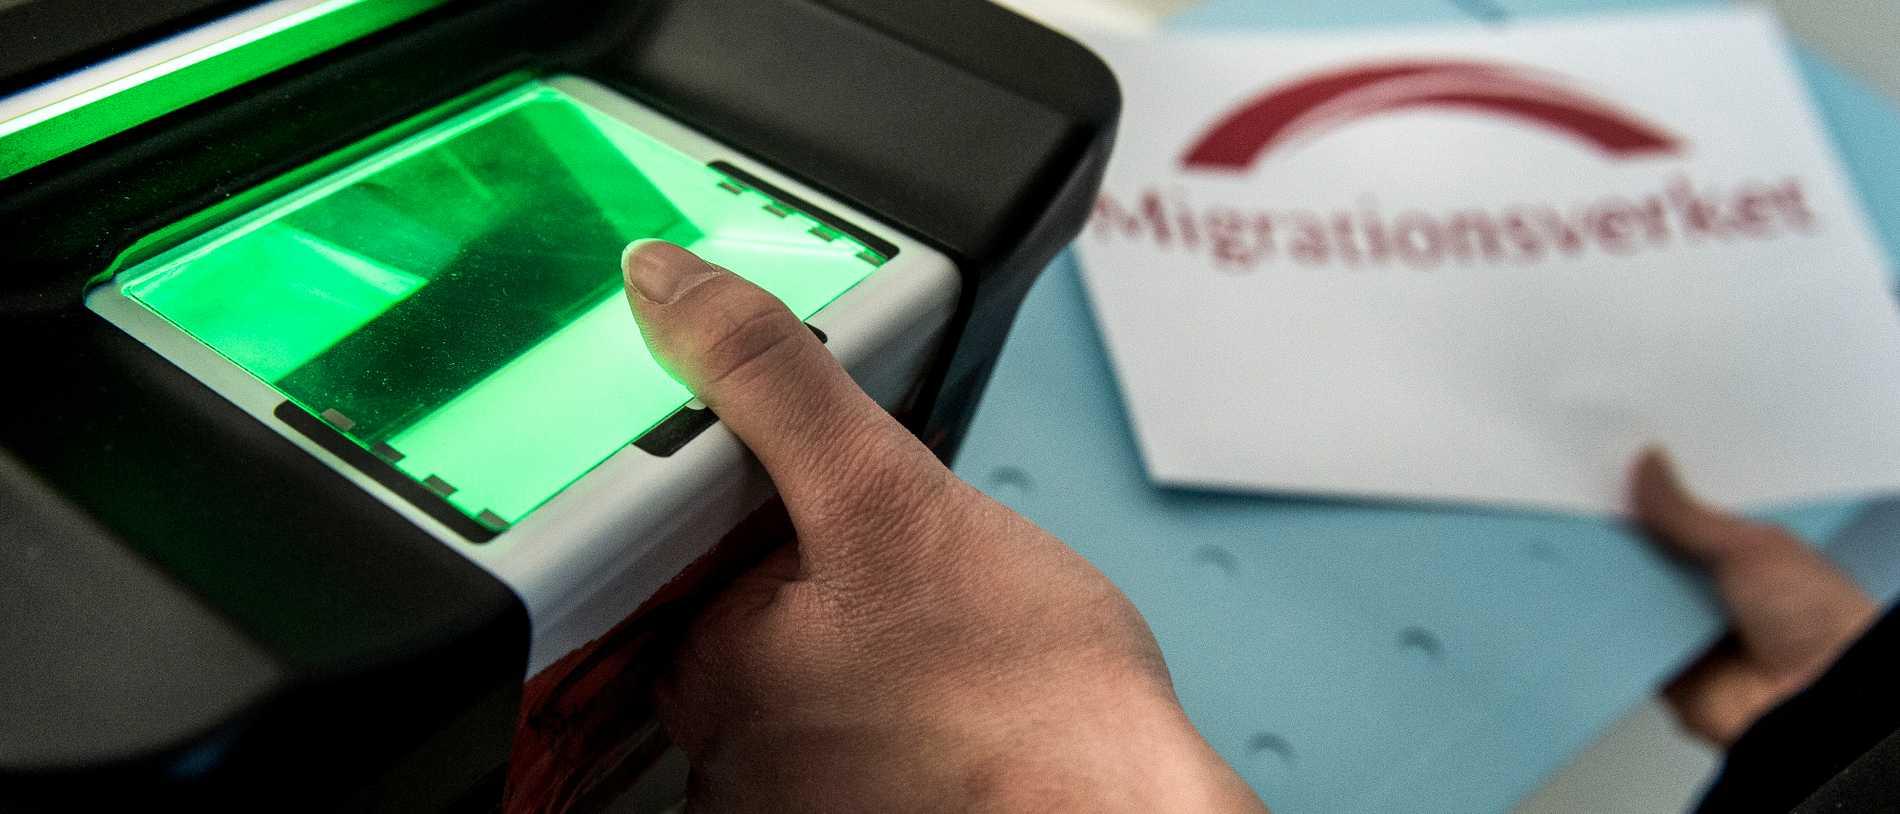 Migrationsverket lovar förbättra id-kontroller